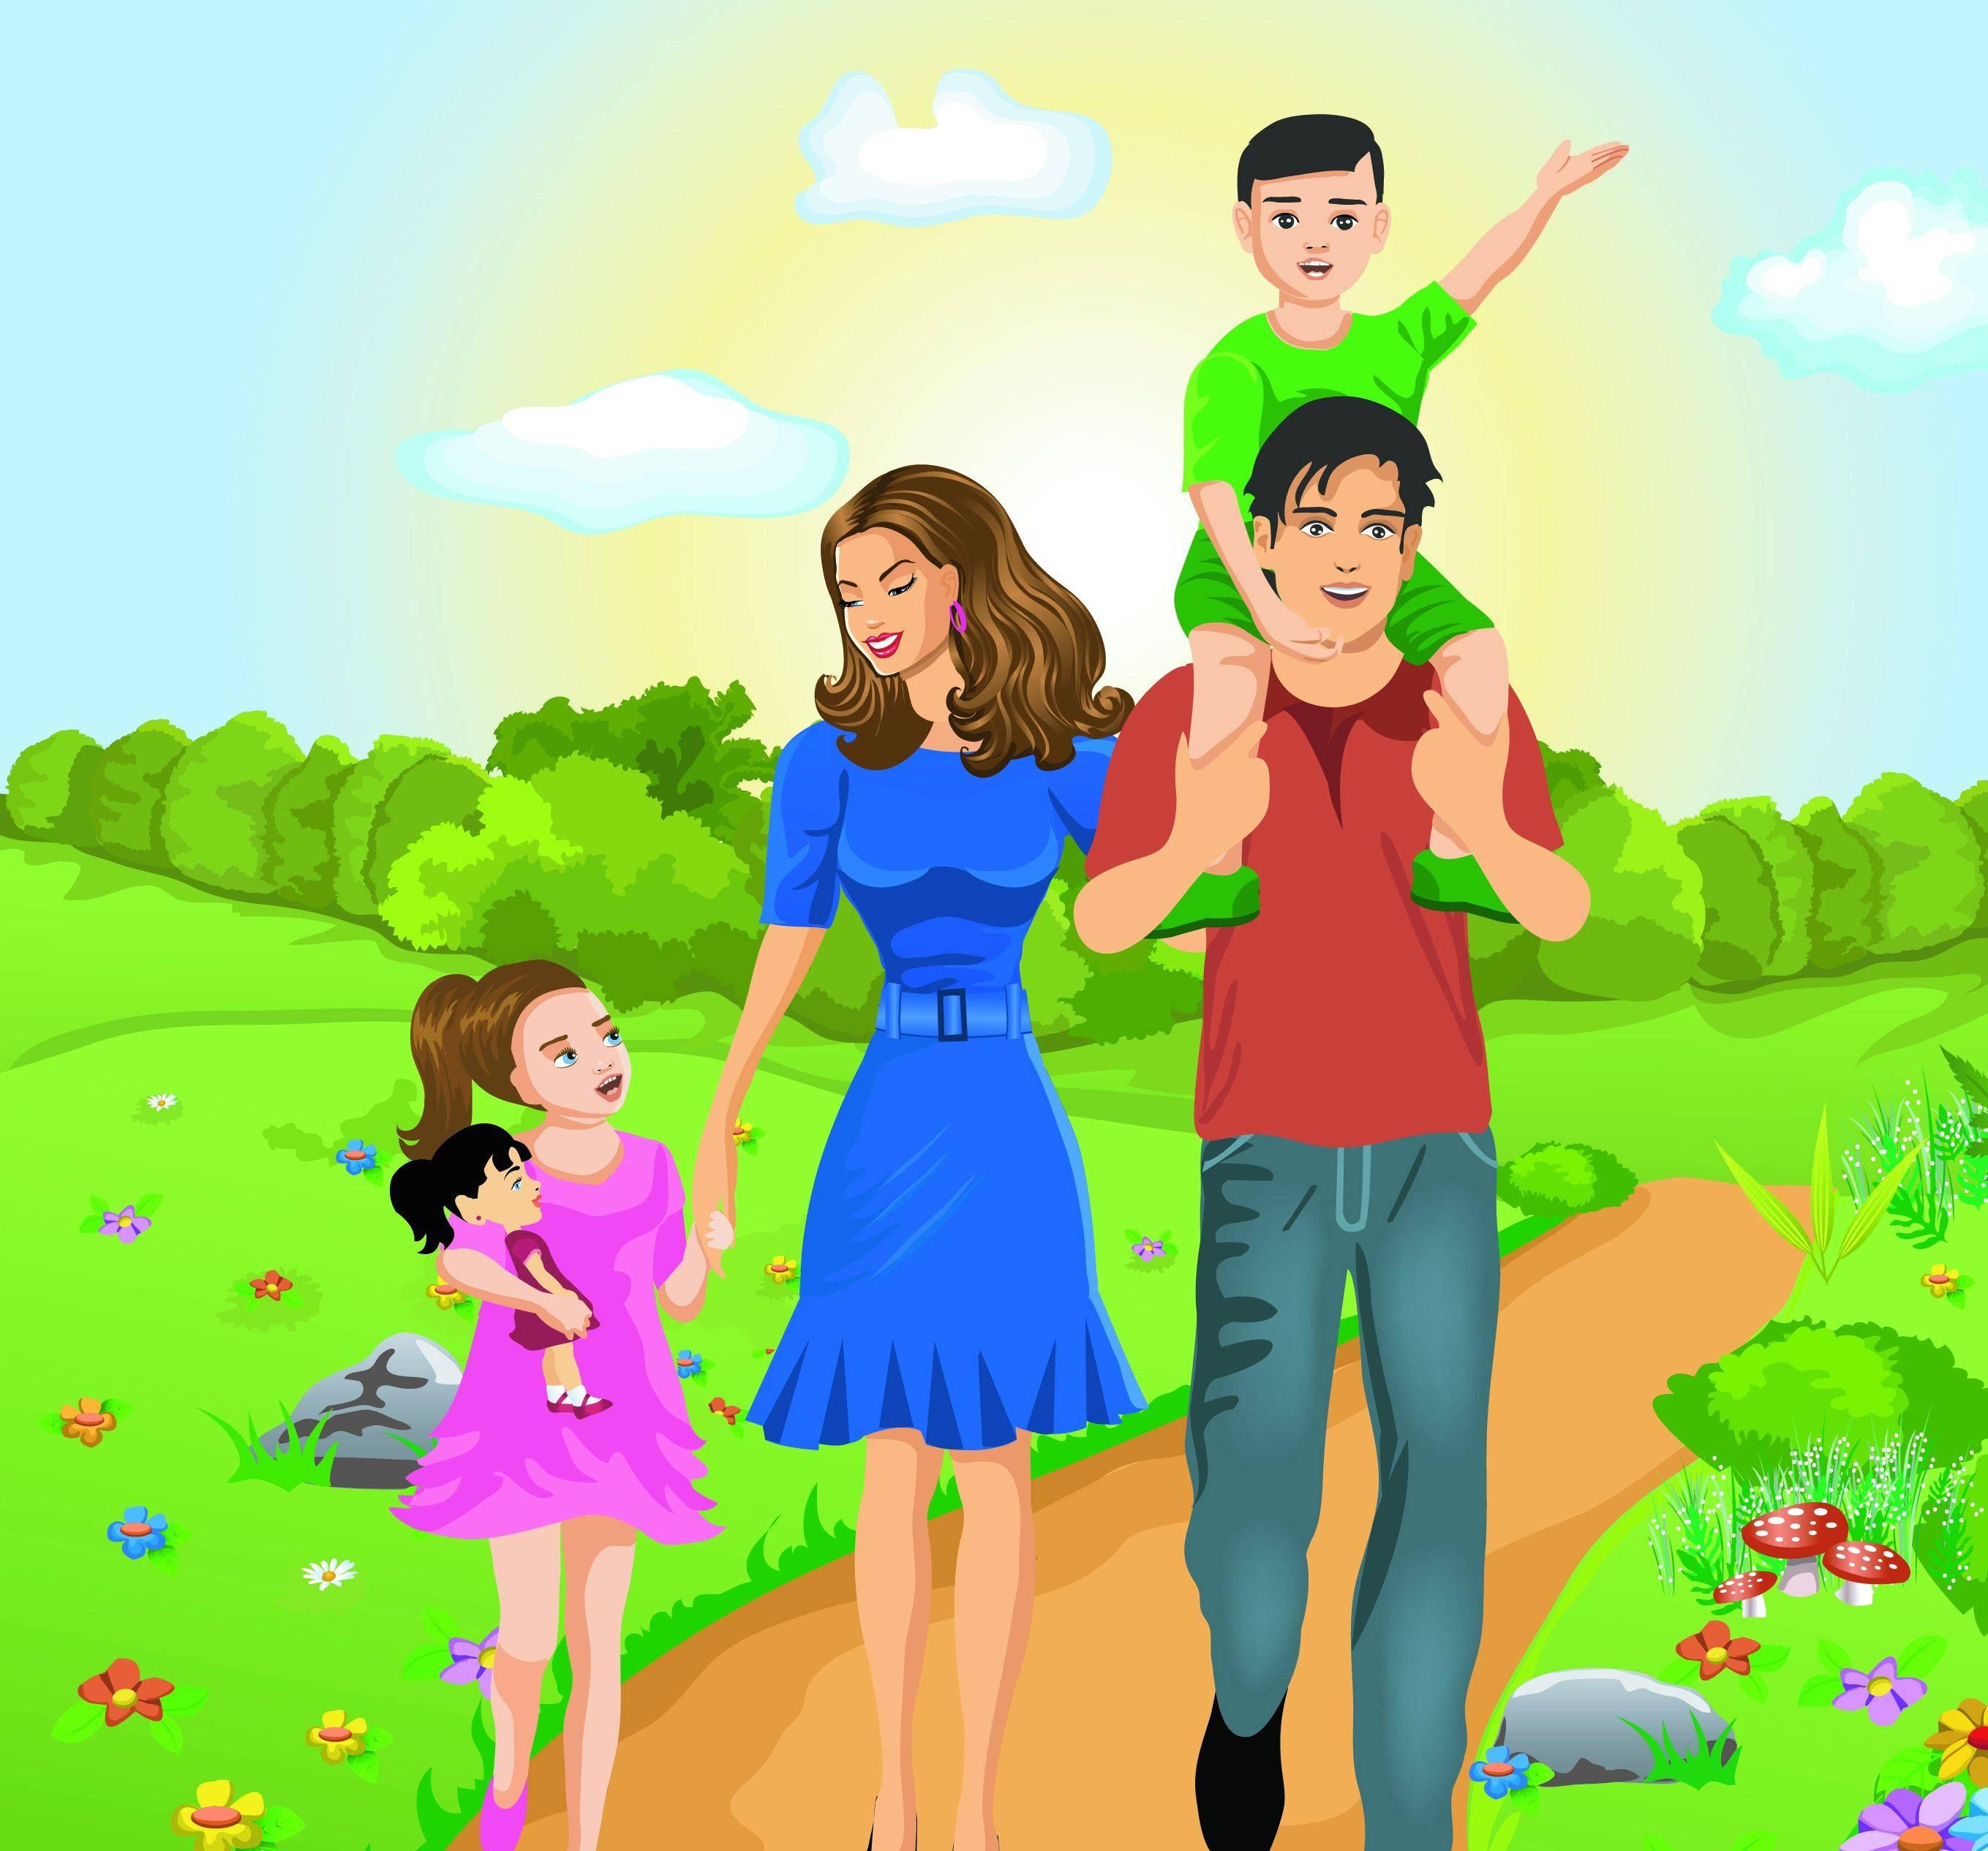 Секреты женственности и материнства — физиология и психология, модели поведения в отношениях